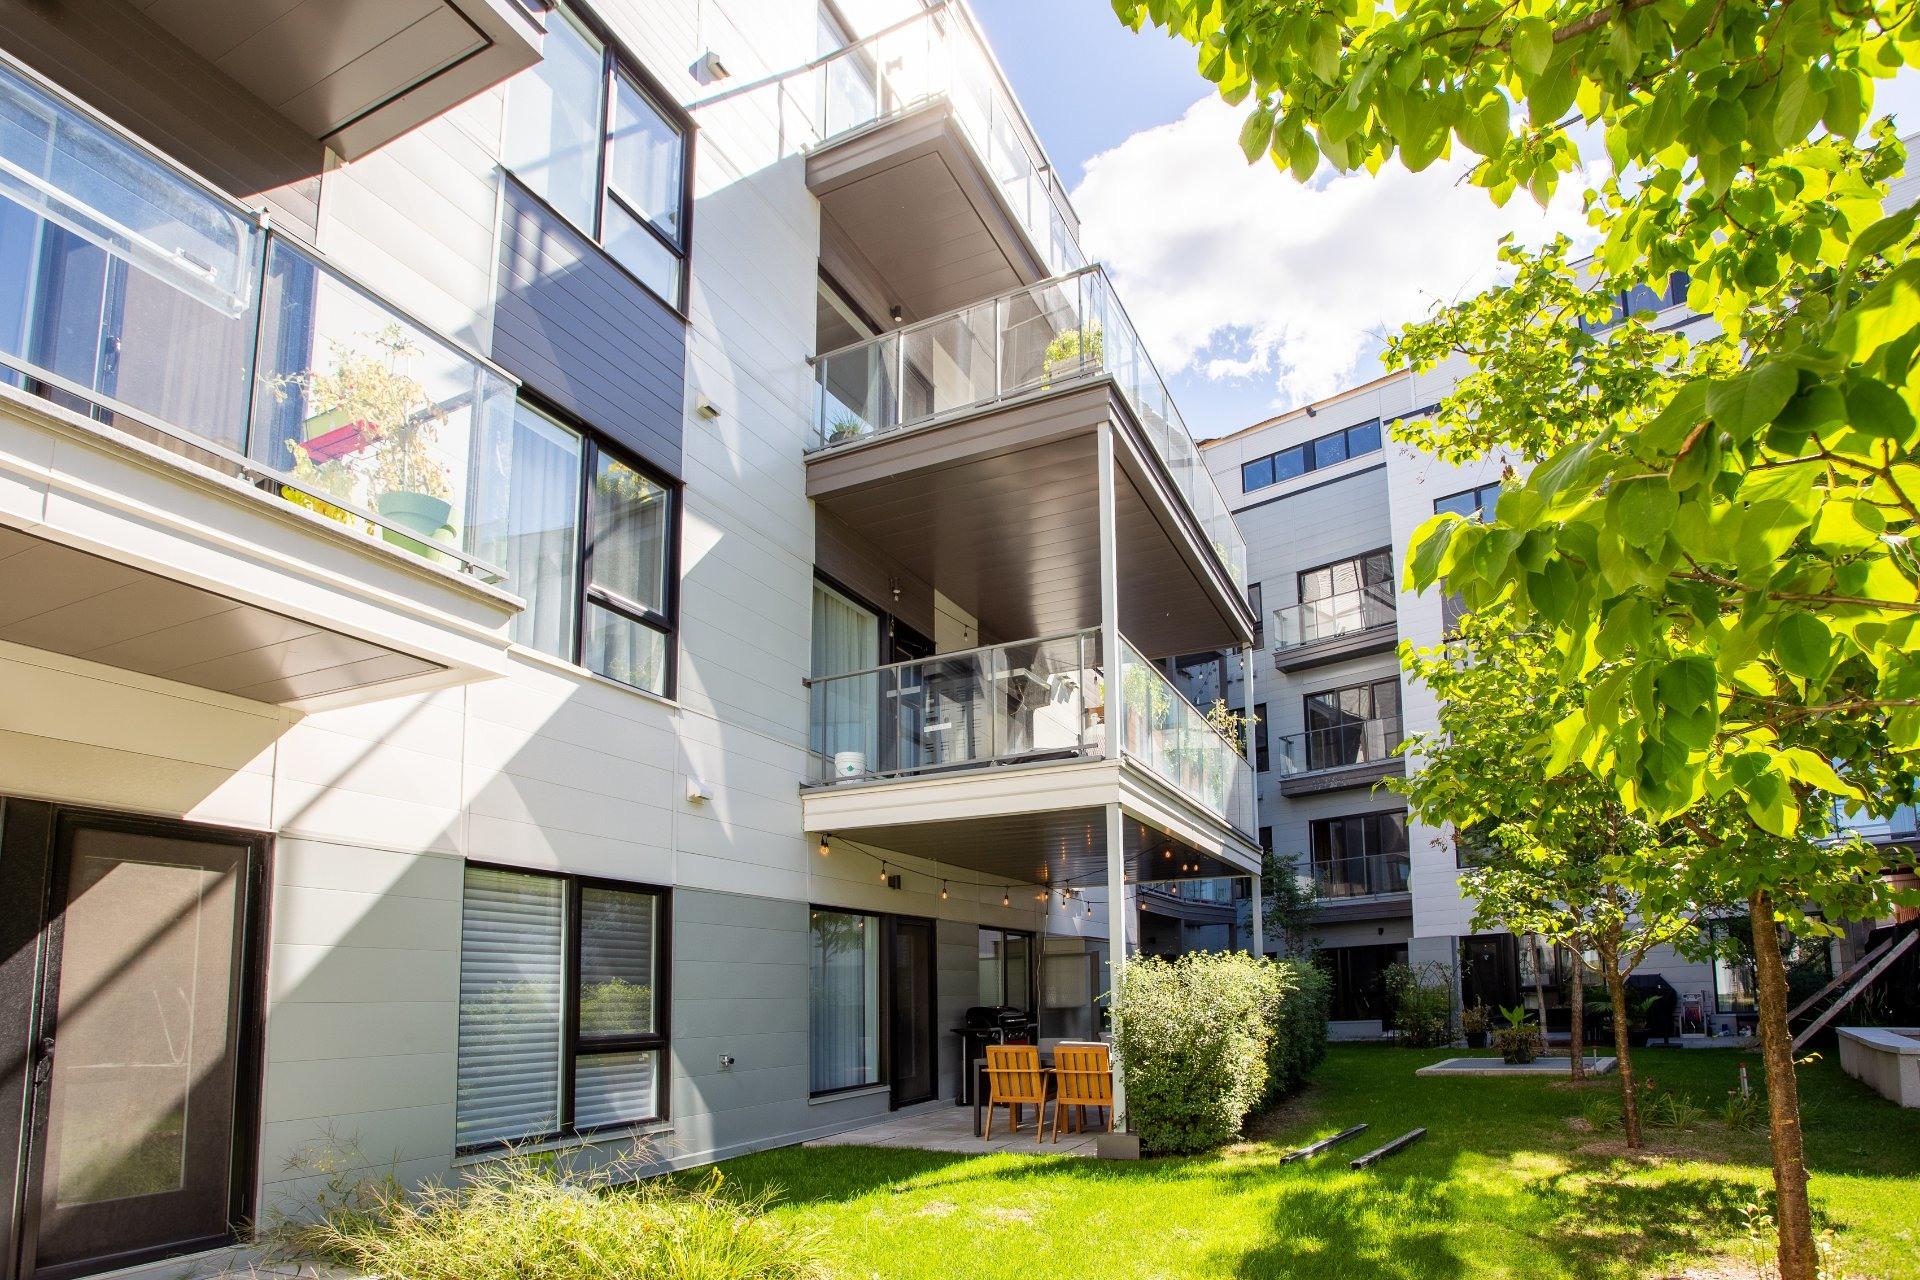 image 19 - Appartement À louer Rosemont/La Petite-Patrie Montréal  - 8 pièces